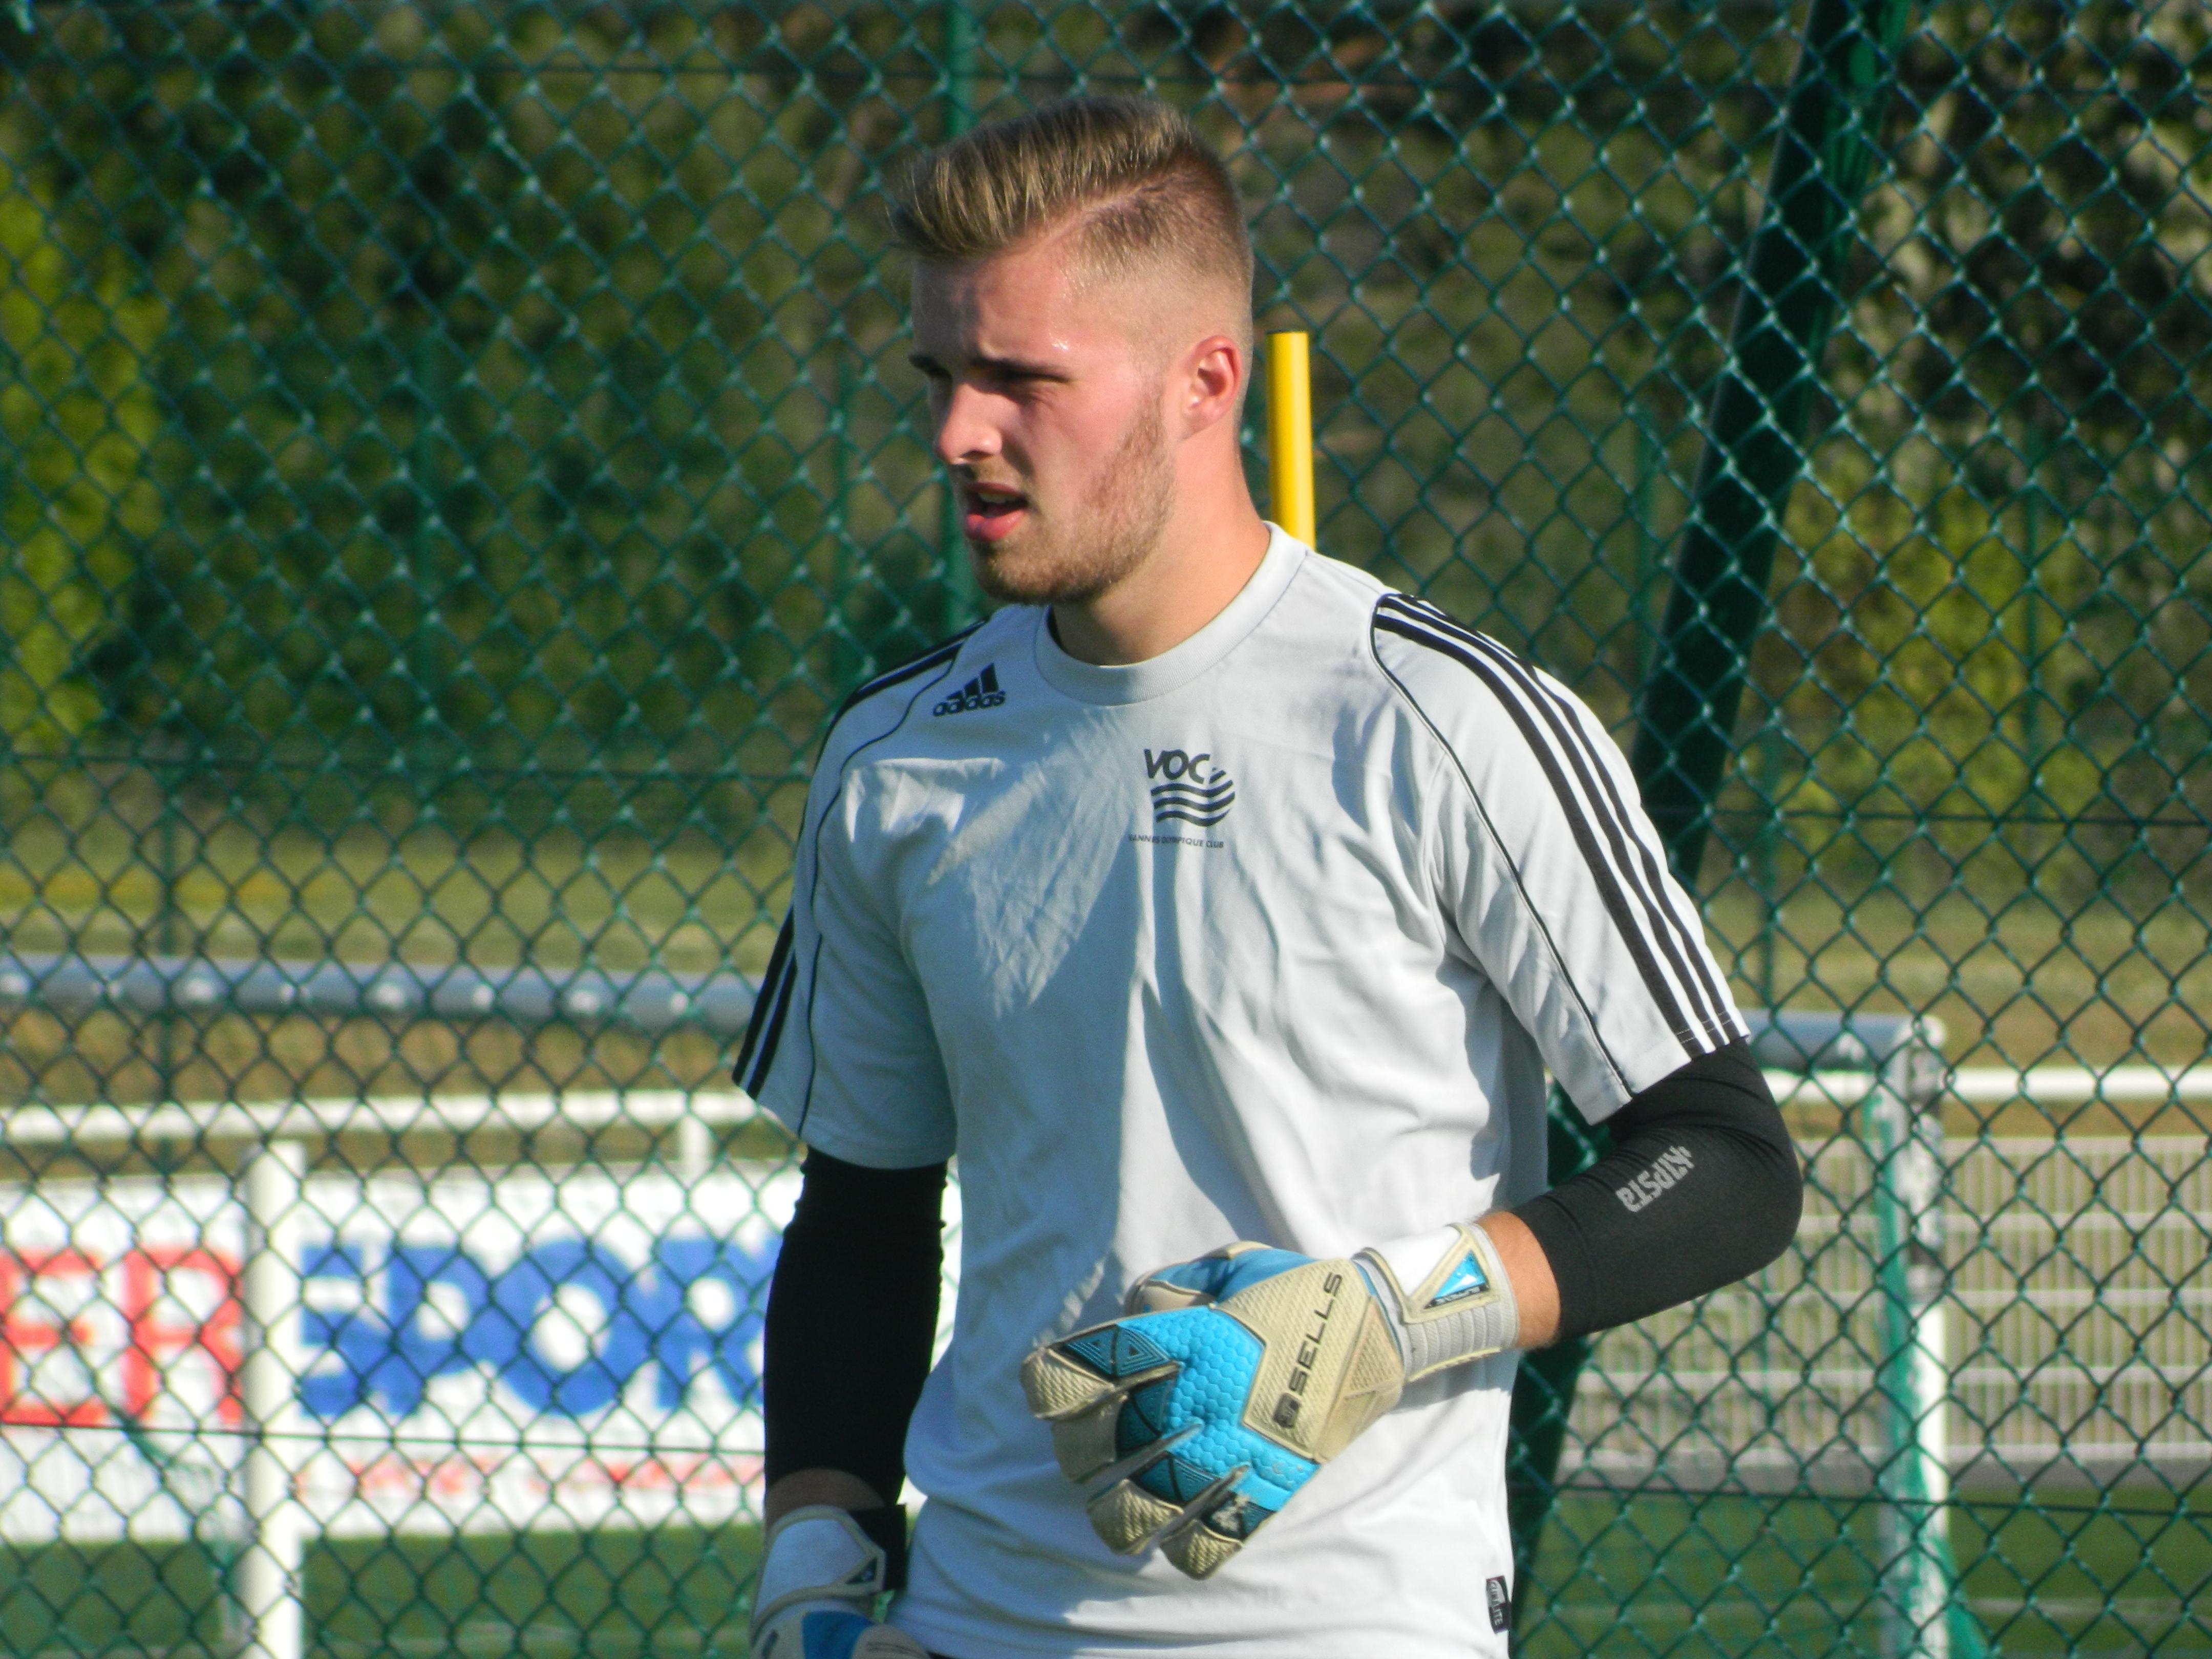 Evan Dreau, gardien U19 au Vannes OC